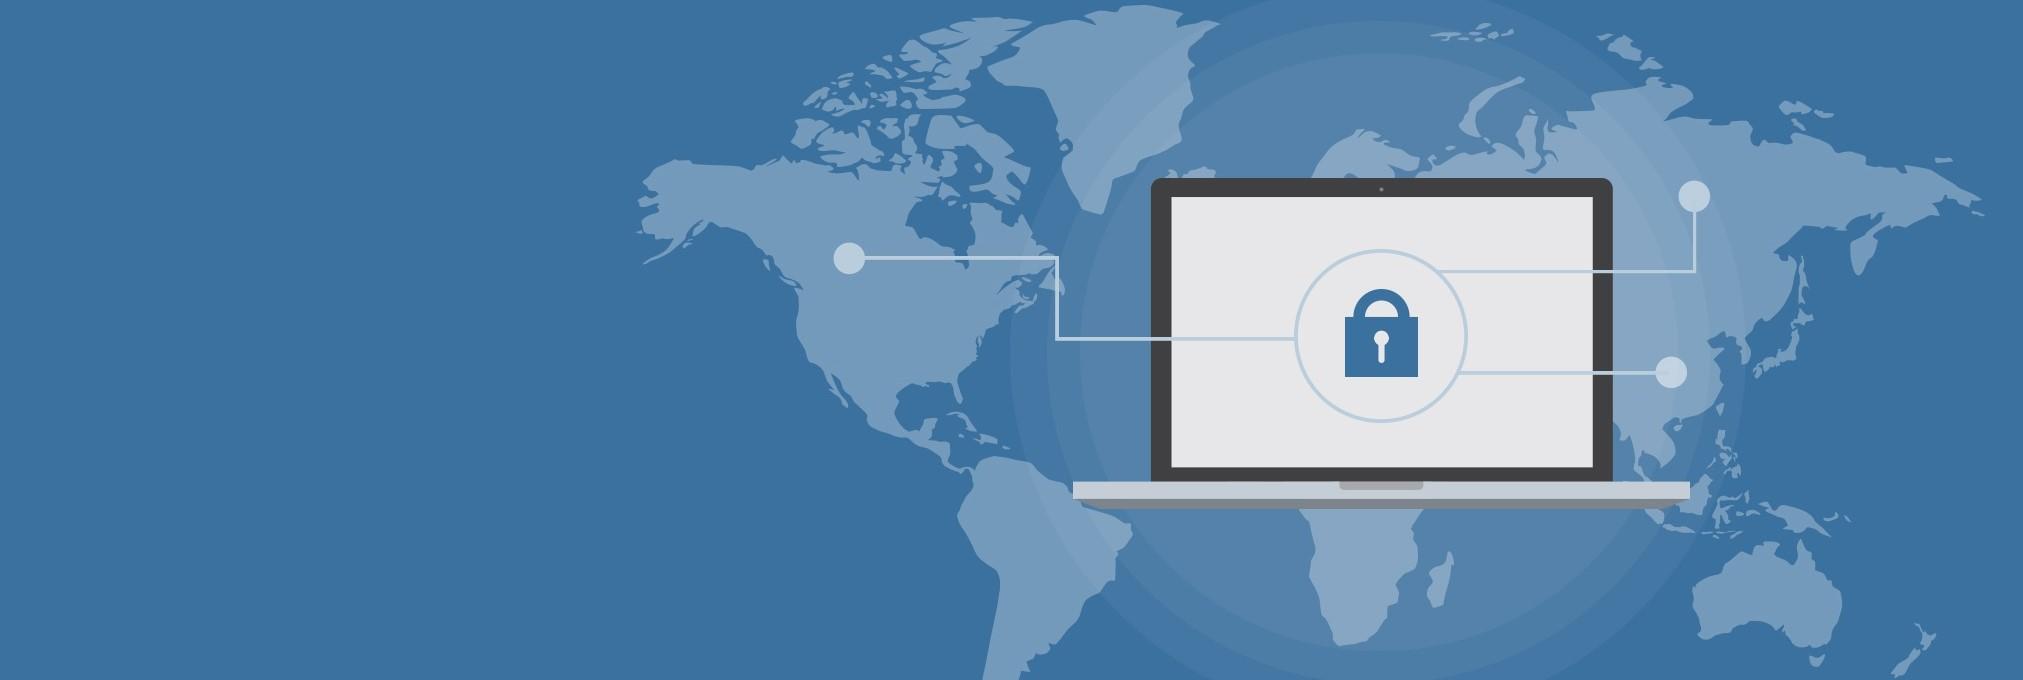 gdpr Adapta tu política de privacidad